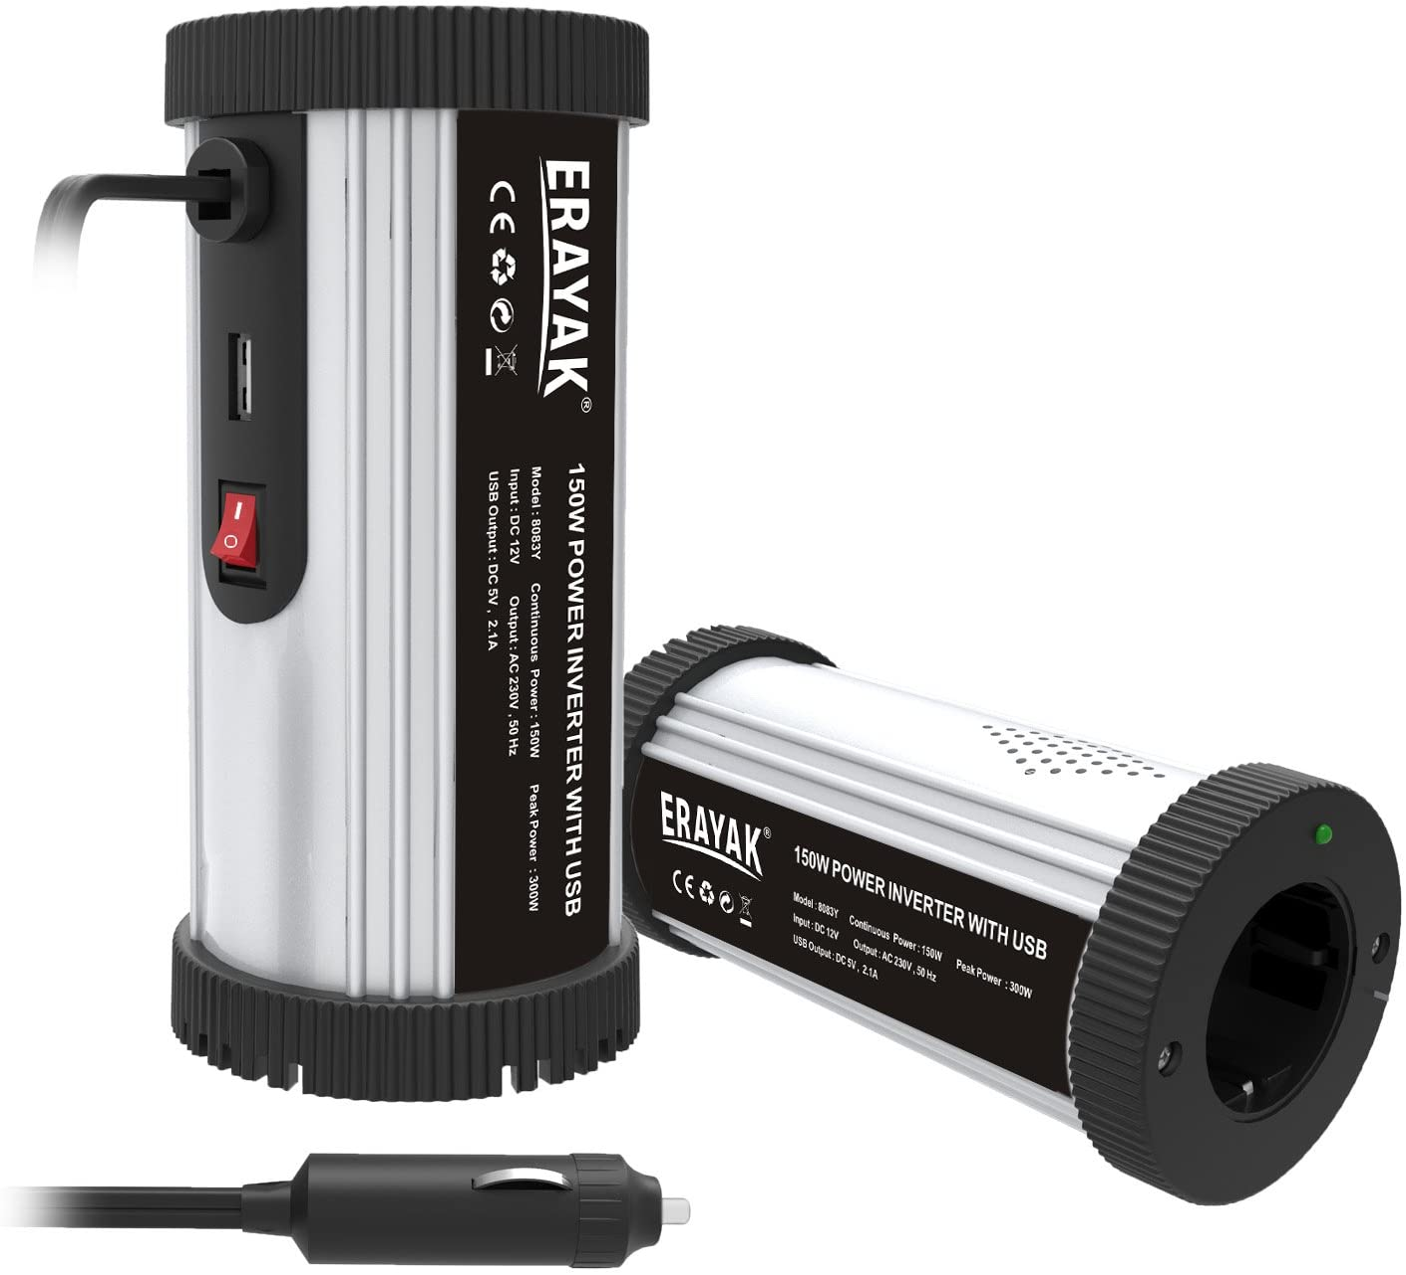 ERAYAK 150 W con porta USB picco 300 W Trasformatore Convertitore Inverter di potenza 12V a 220V//240V certificato T/ÜV presa EU